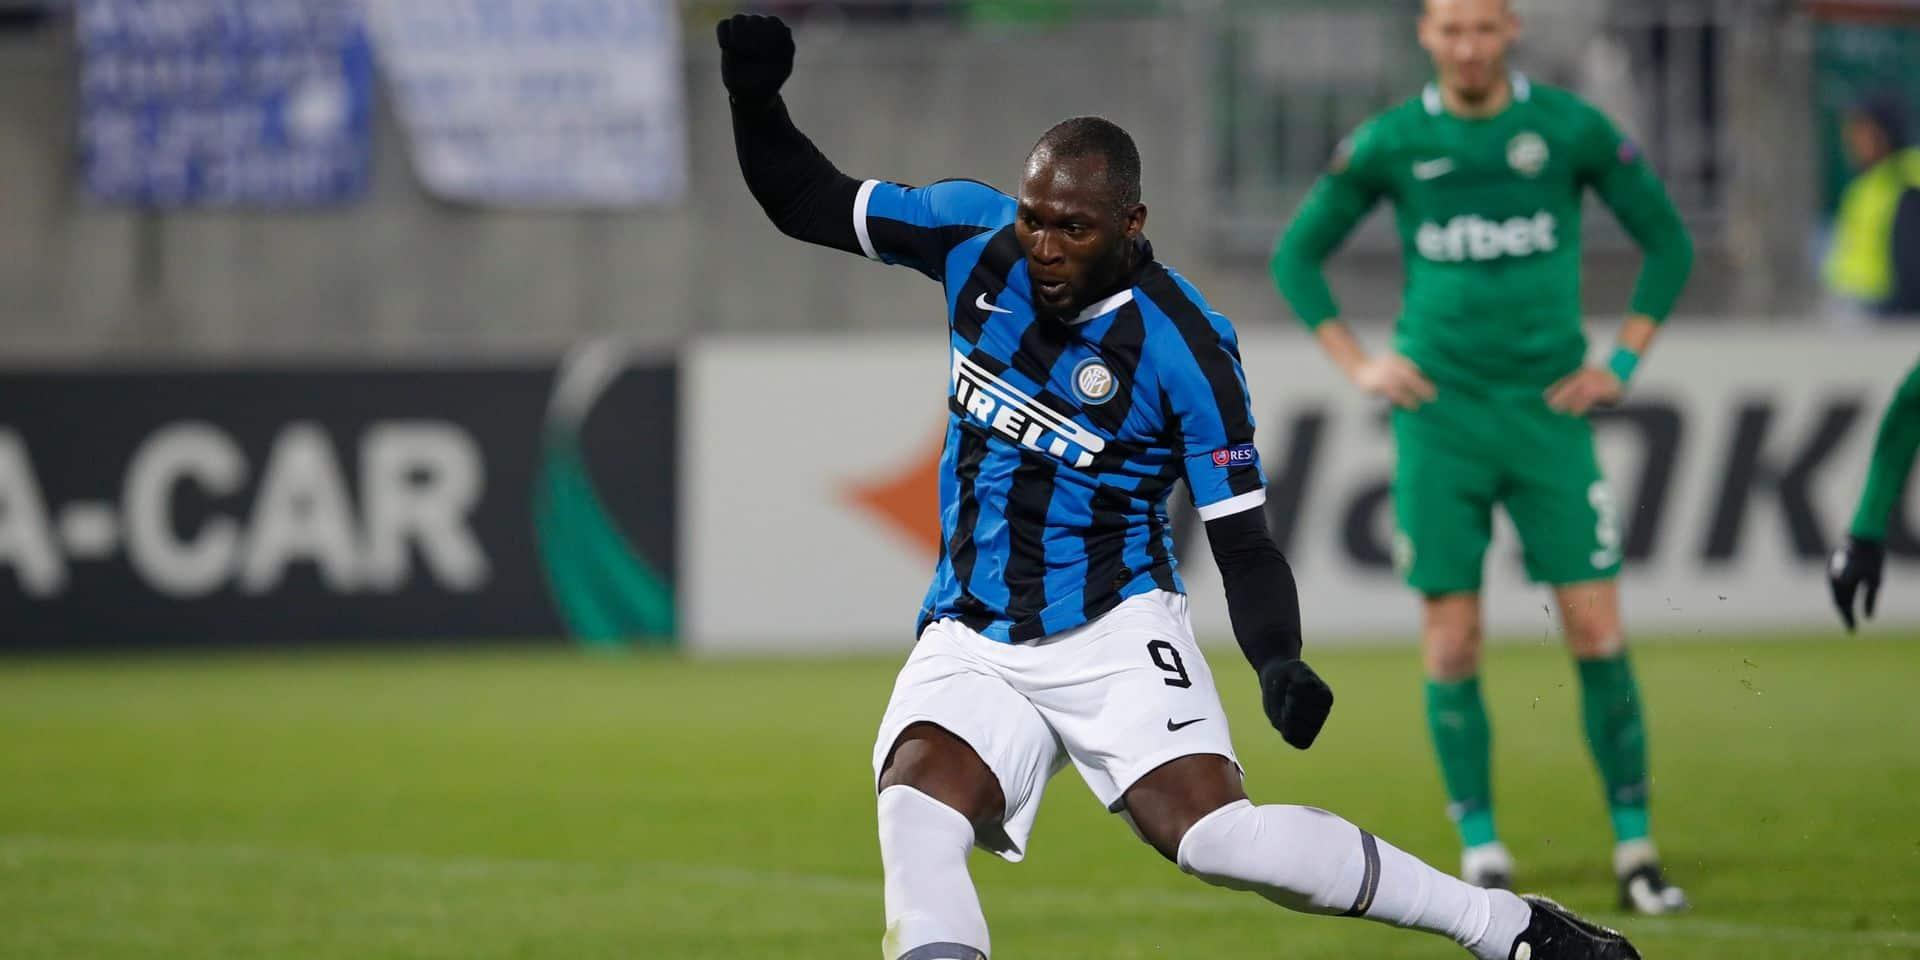 La montée au jeu de Romelu Lukaku, à l'assist puis buteur, délivre l'Inter en Bulgarie (VIDEO)